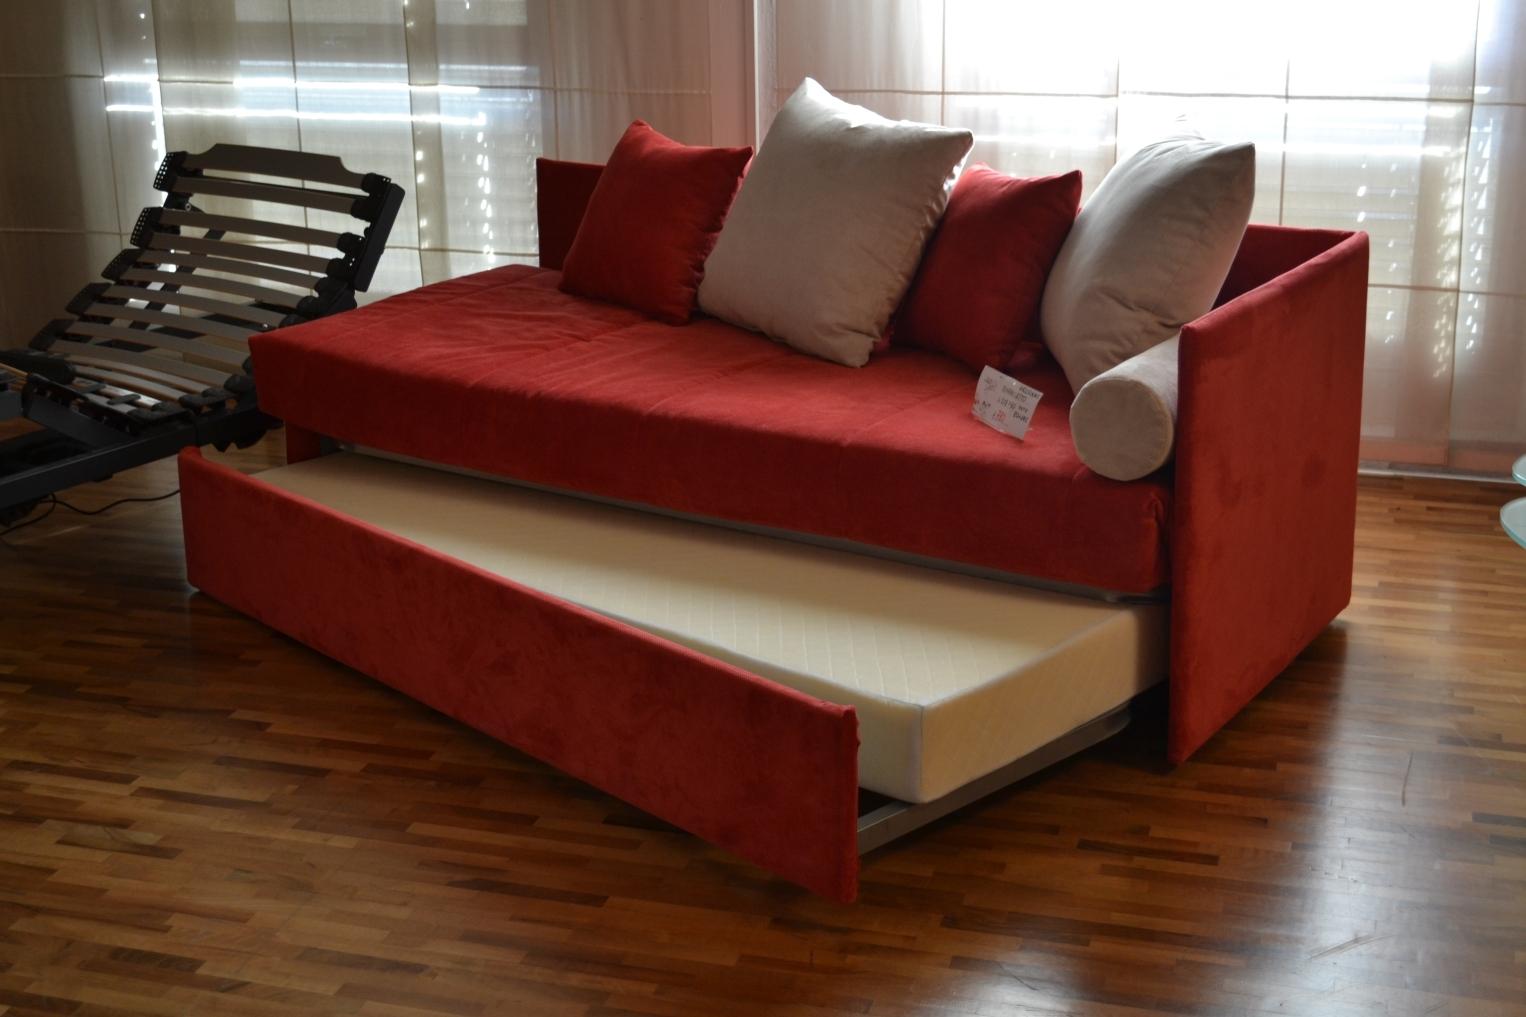 Divano helsinki divano letto divani a prezzi scontati - Divano letto prezzi ...